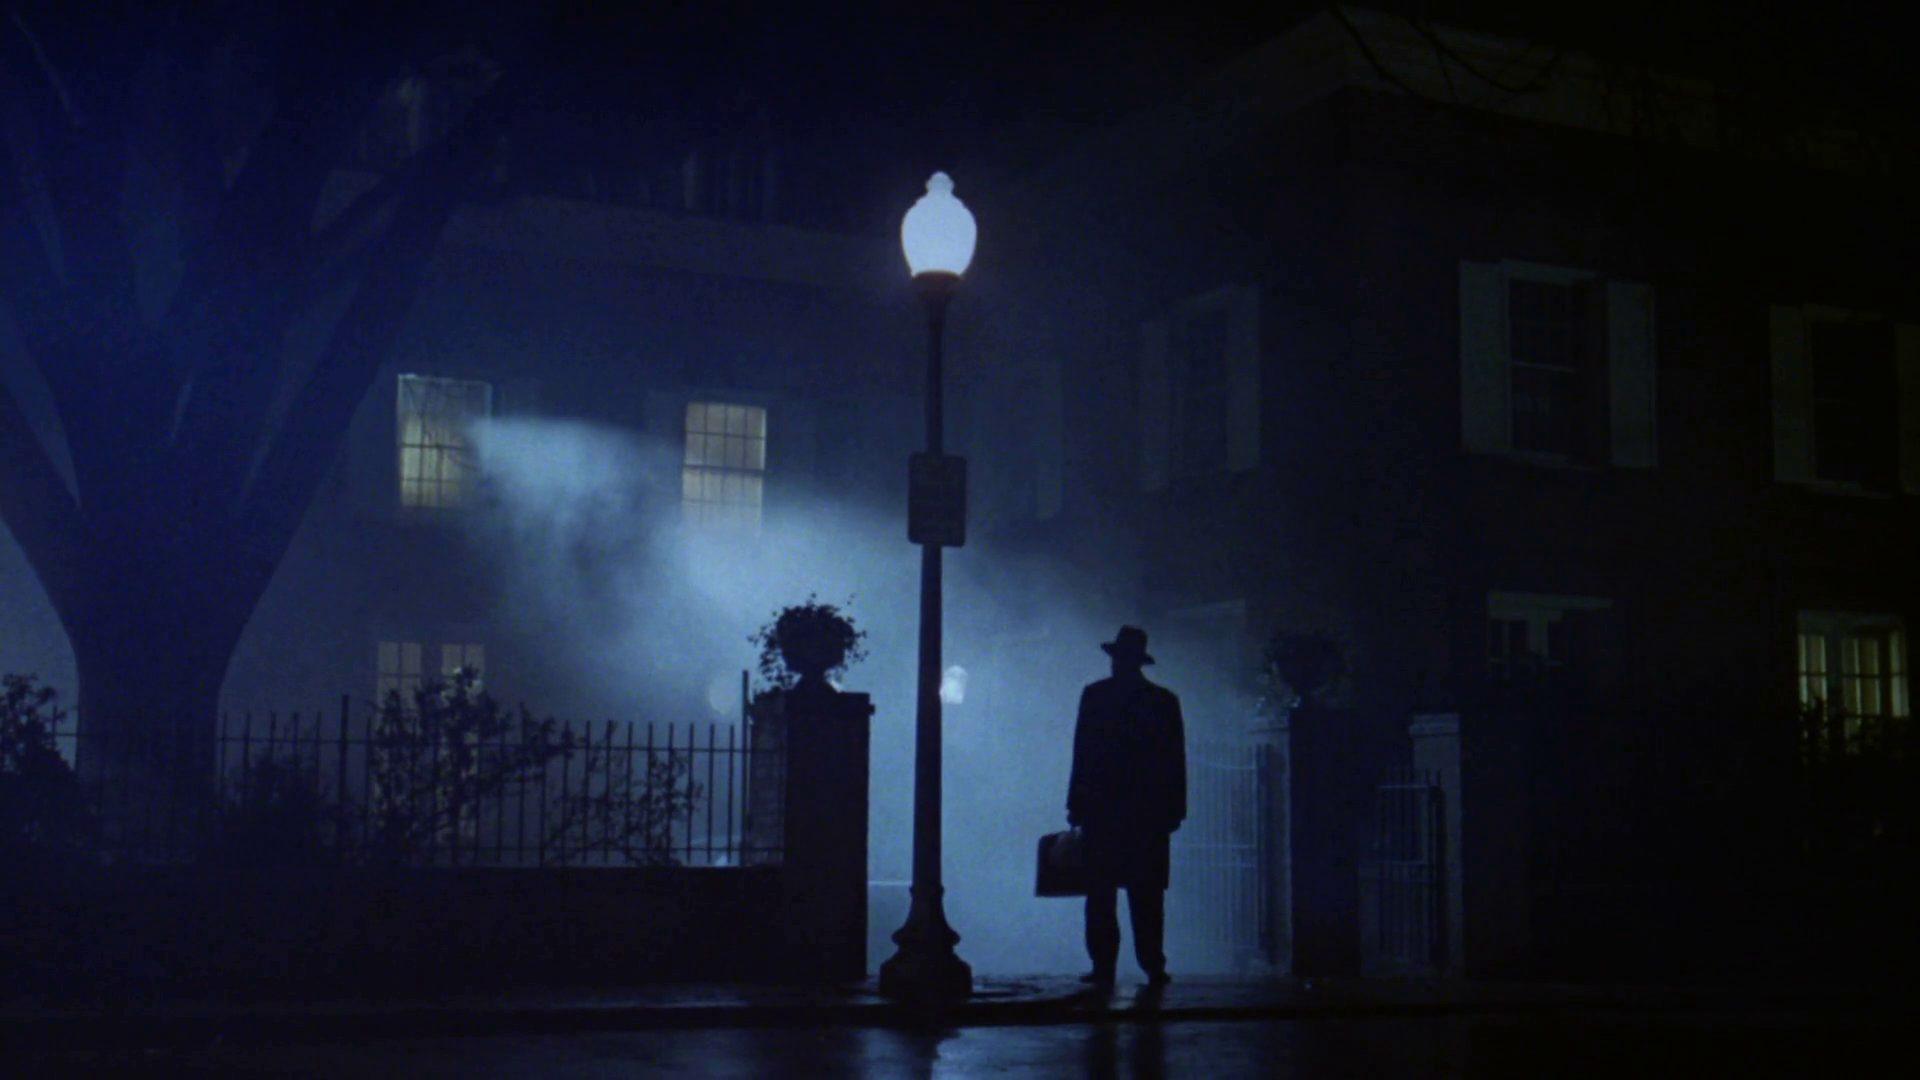 Tecnologie ed effetti speciali utilizzati per realizzare film horror thumbnail